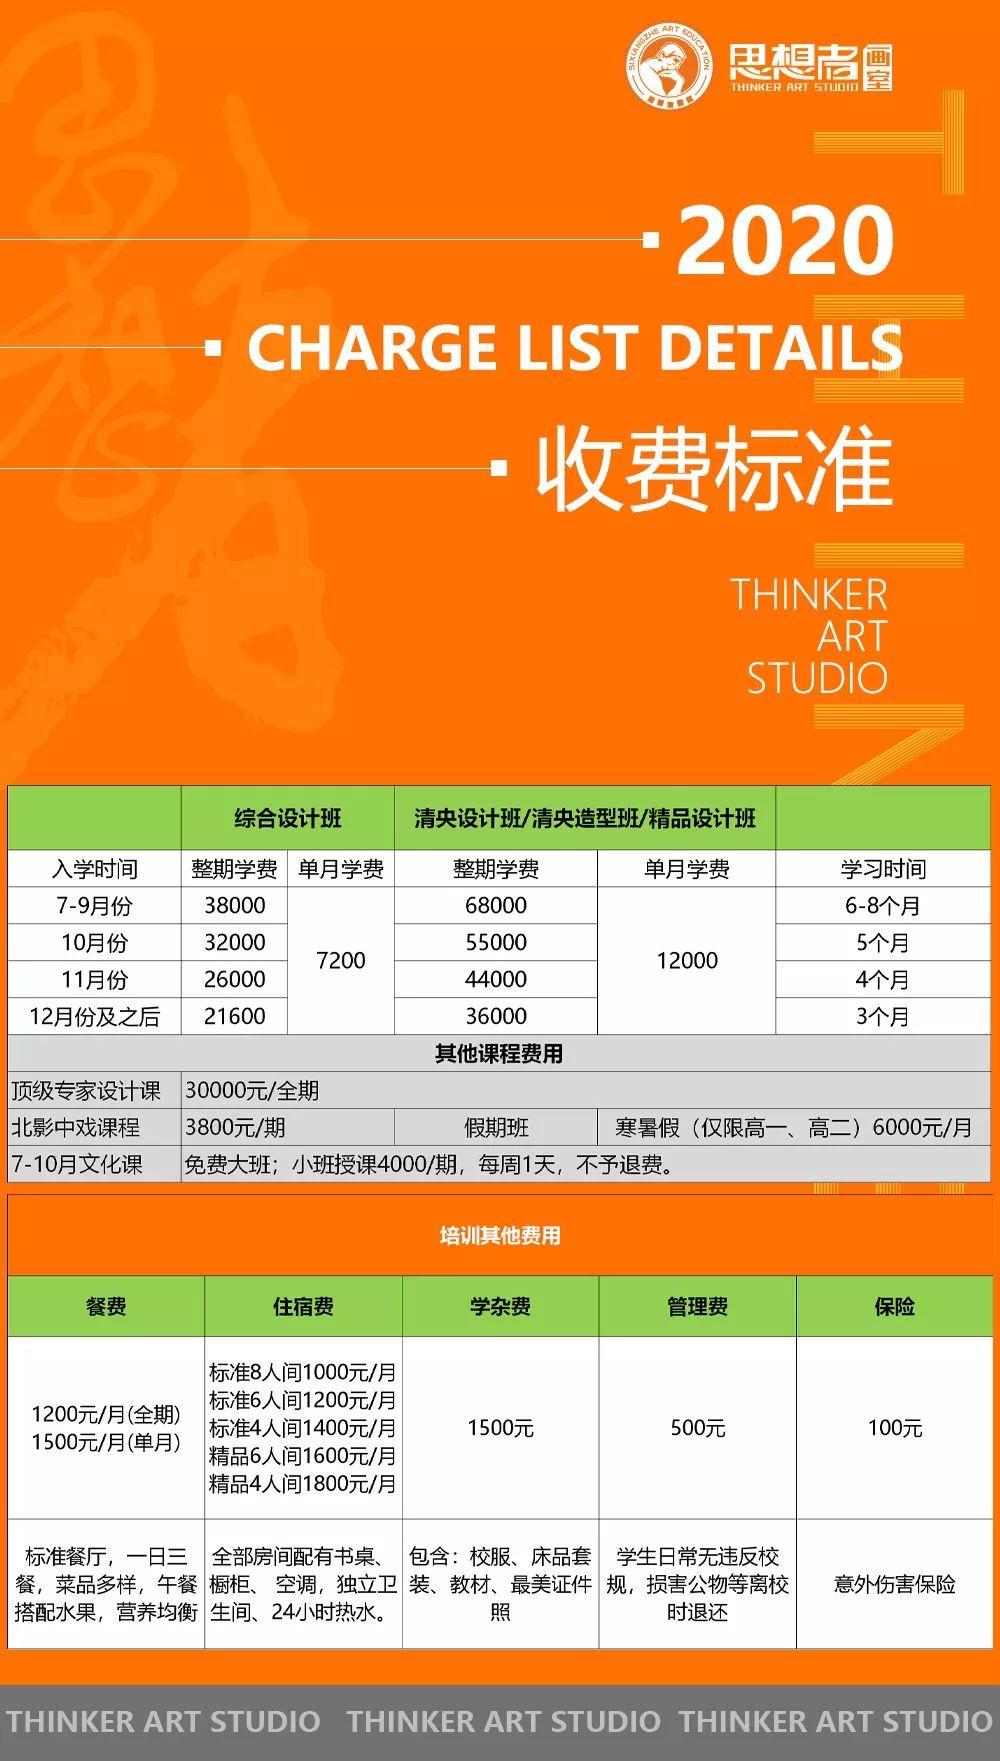 北京思想者画室预报名开启,北京画室招生,北京美术画室    21